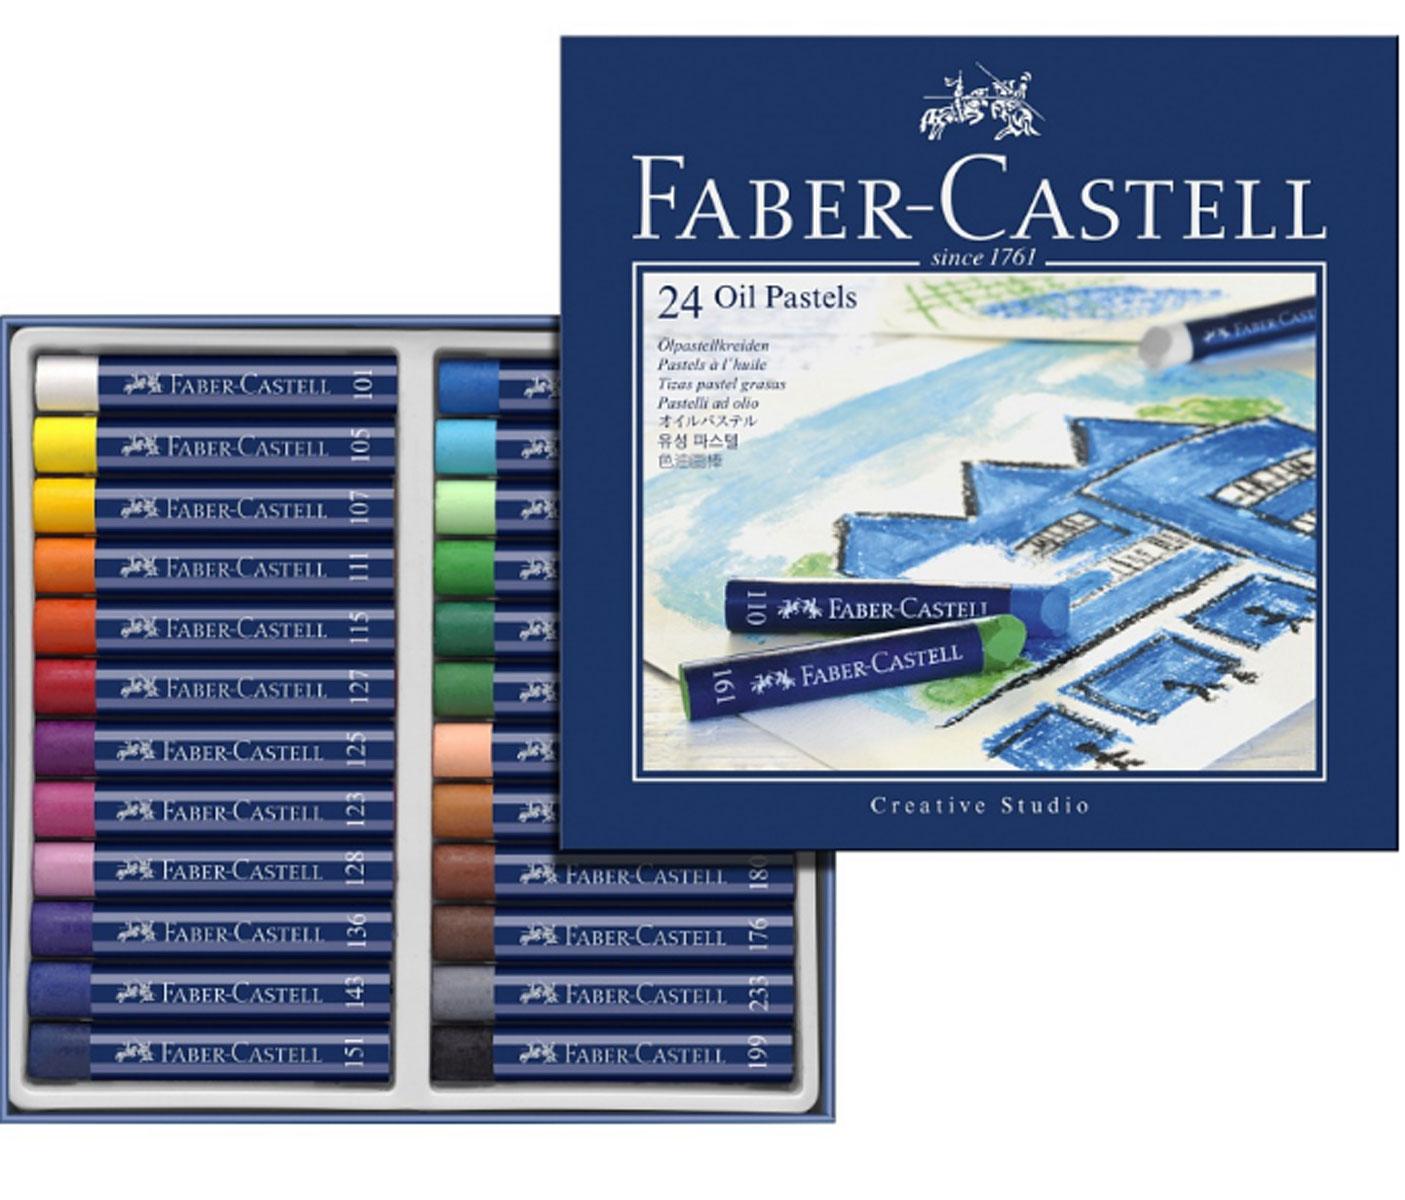 Faber-Castell Масляная пастель Studio Quality Oil Pastels 24 шт127024Набор Faber-Castell Studio Quality Oil Pastels содержит масляную пастель 24 ярких насыщенных цветов. Пастель выполнена в виде мелков круглой формы, каждый из которых обернут в бумажную гильзу. Мелки великолепного качества не крошатся при работе, обладают отличными кроющими свойствами, обеспечивают хорошее сцепление с поверхностью, яркость и долговечность изображения. Масляной пастелью Faber-Castell Studio Quality Oil Pastels можно рисовать в любой технике, сочетая ее с цветными карандашами и красками. При работе рекомендуется использовать шероховатые поверхности - специальную бумагу, картон, холст.